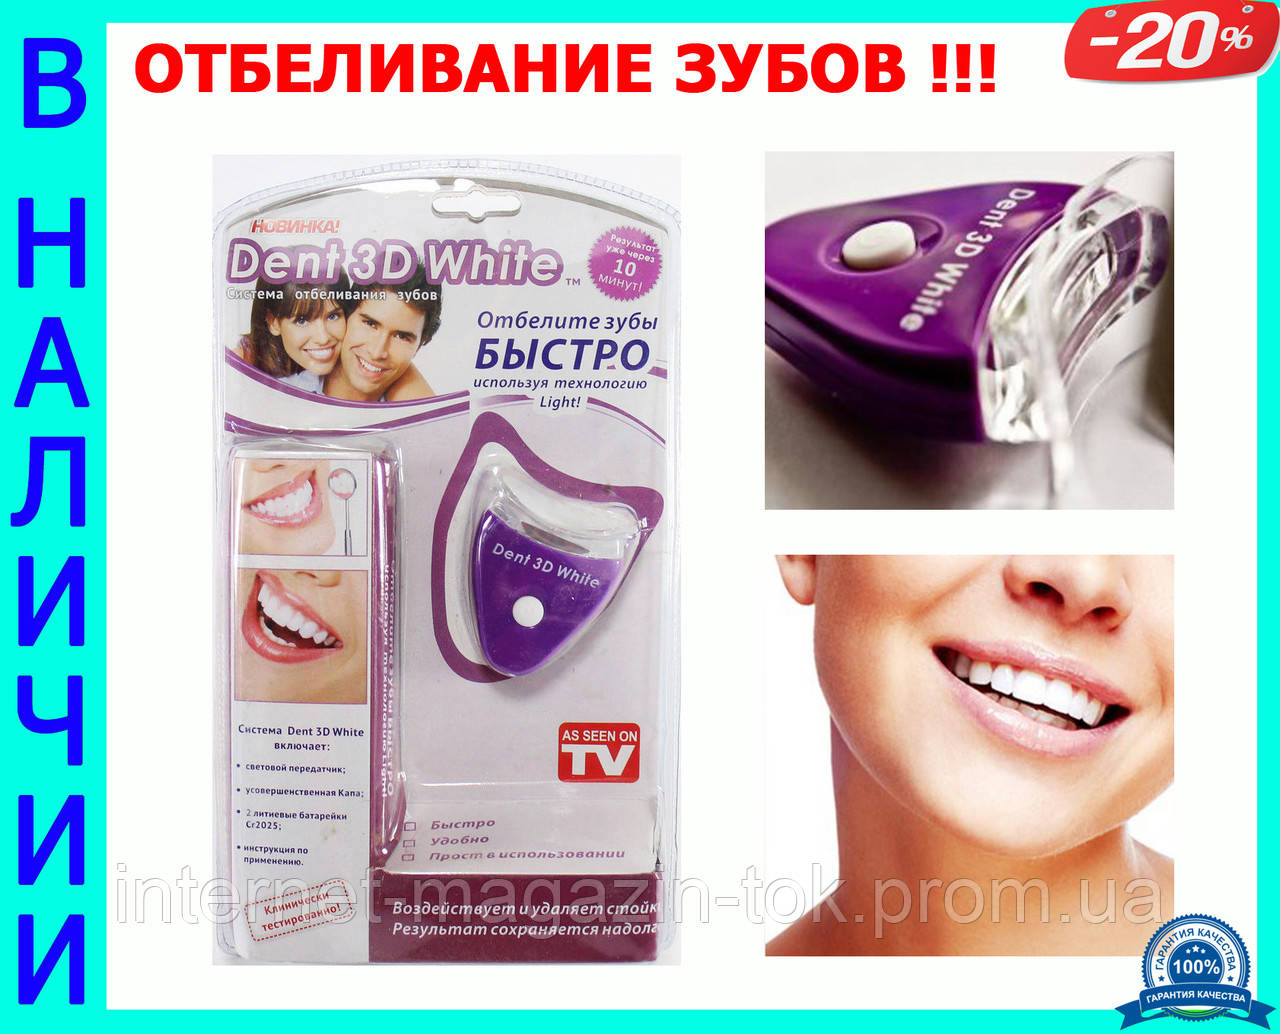 полоски для отбеливания зубов цена в аптеке